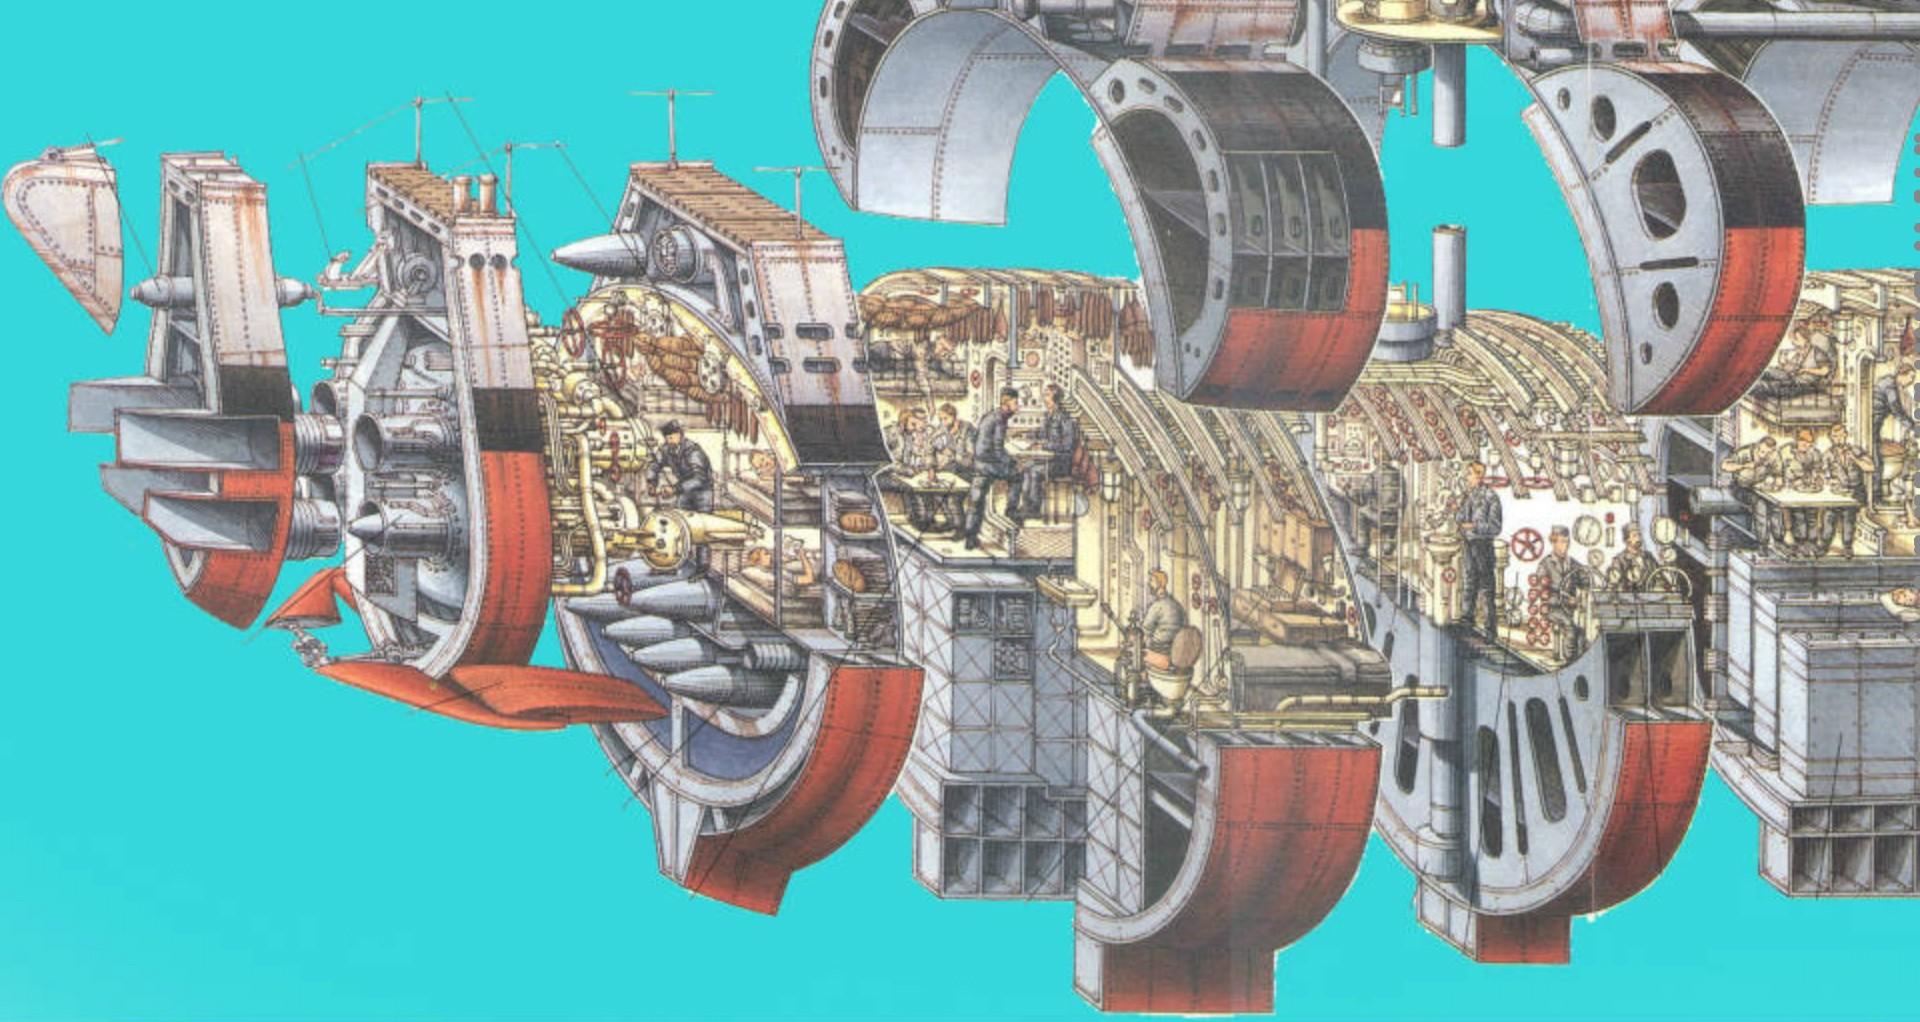 U-552 TRUMPETER Echelle 1/48 - Page 3 Vk3H39